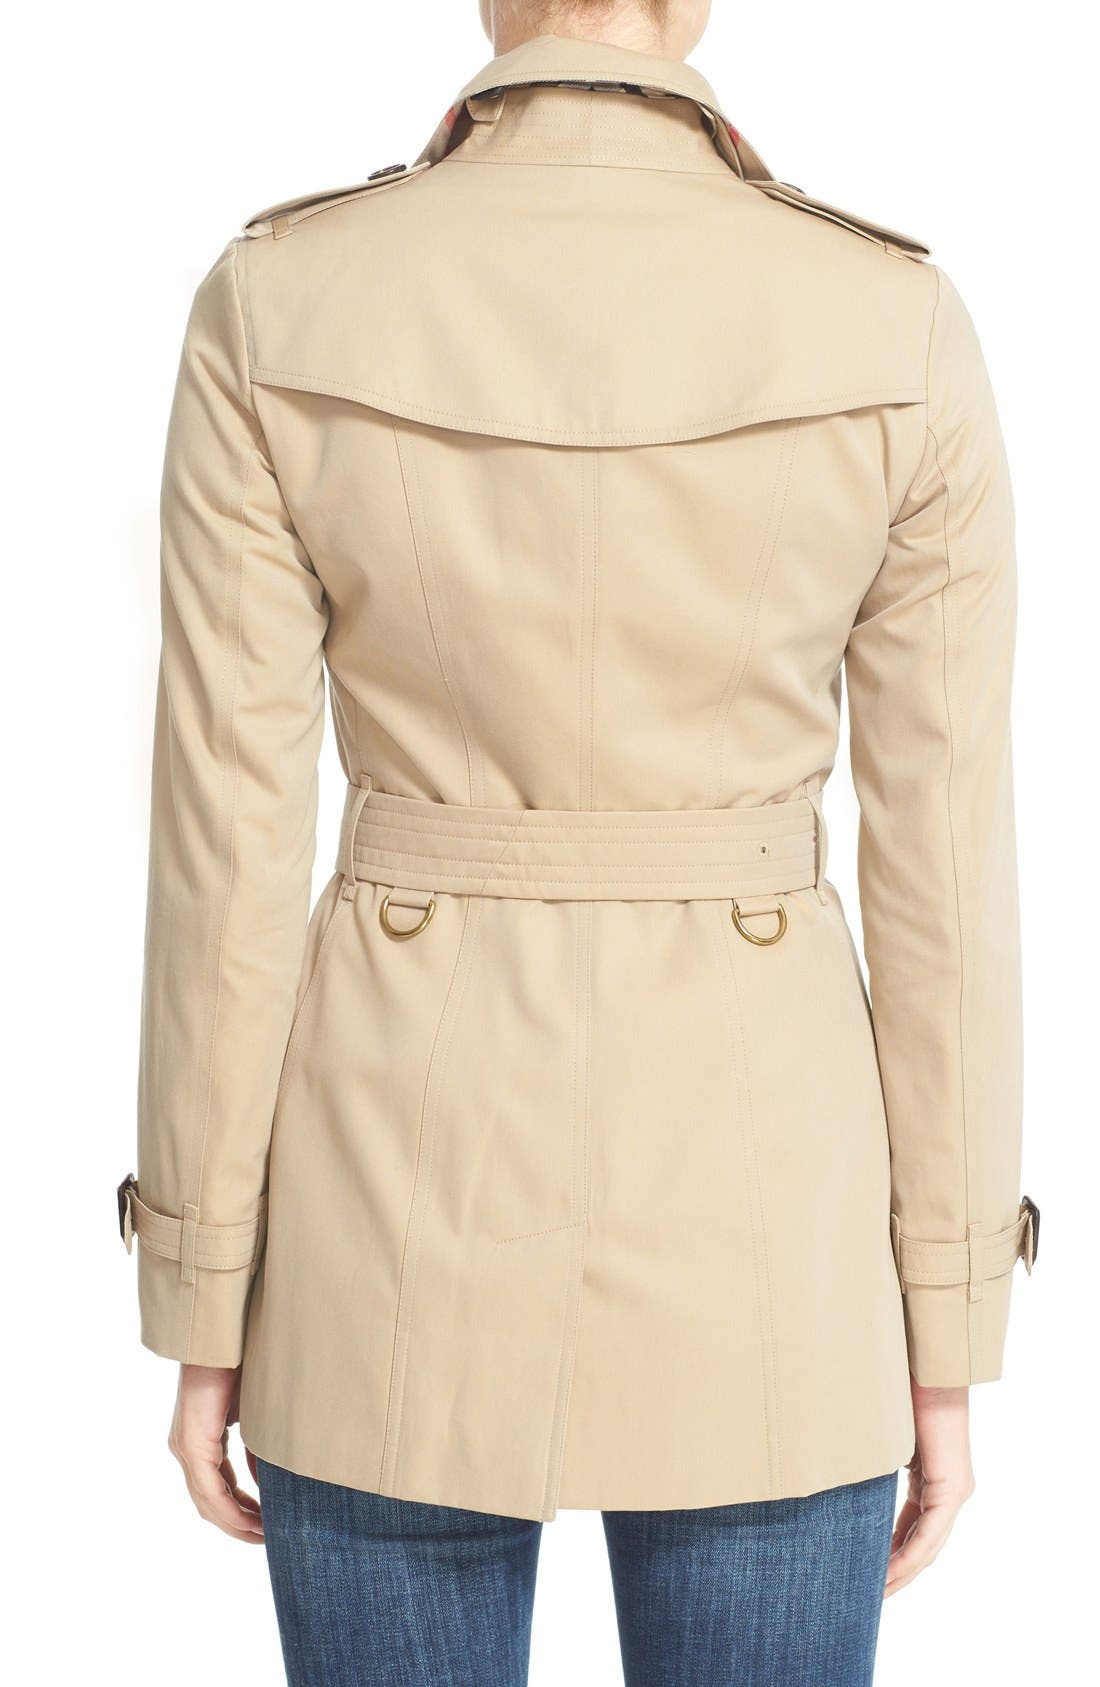 BURBERRY,                             Sandringham Short Slim Trench Coat,                             Alternate thumbnail 3, color,                             HONEY